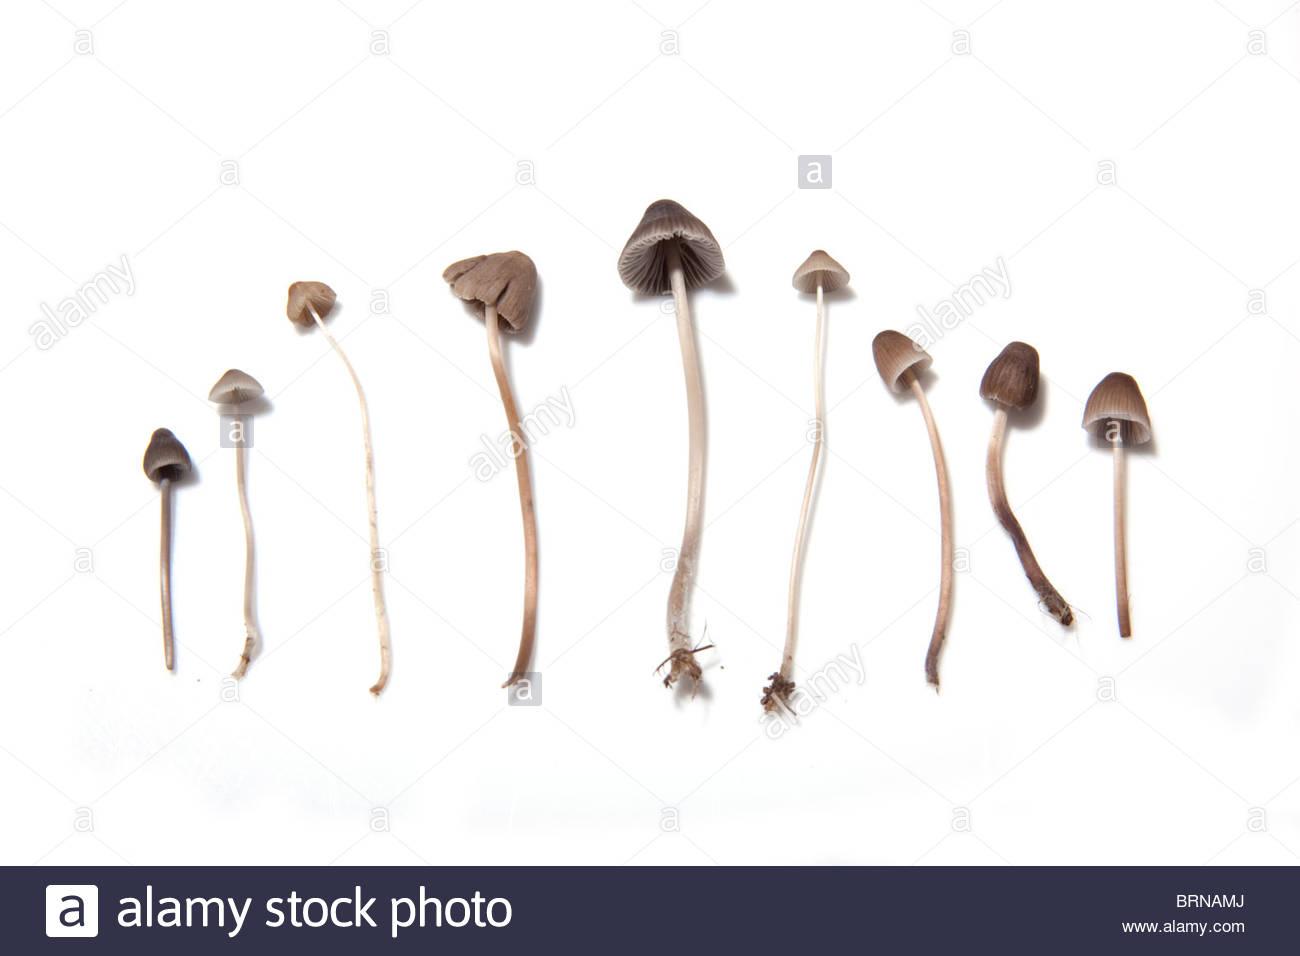 Magic Mushroom Liberty Cap Stock Photos & Magic Mushroom Liberty.